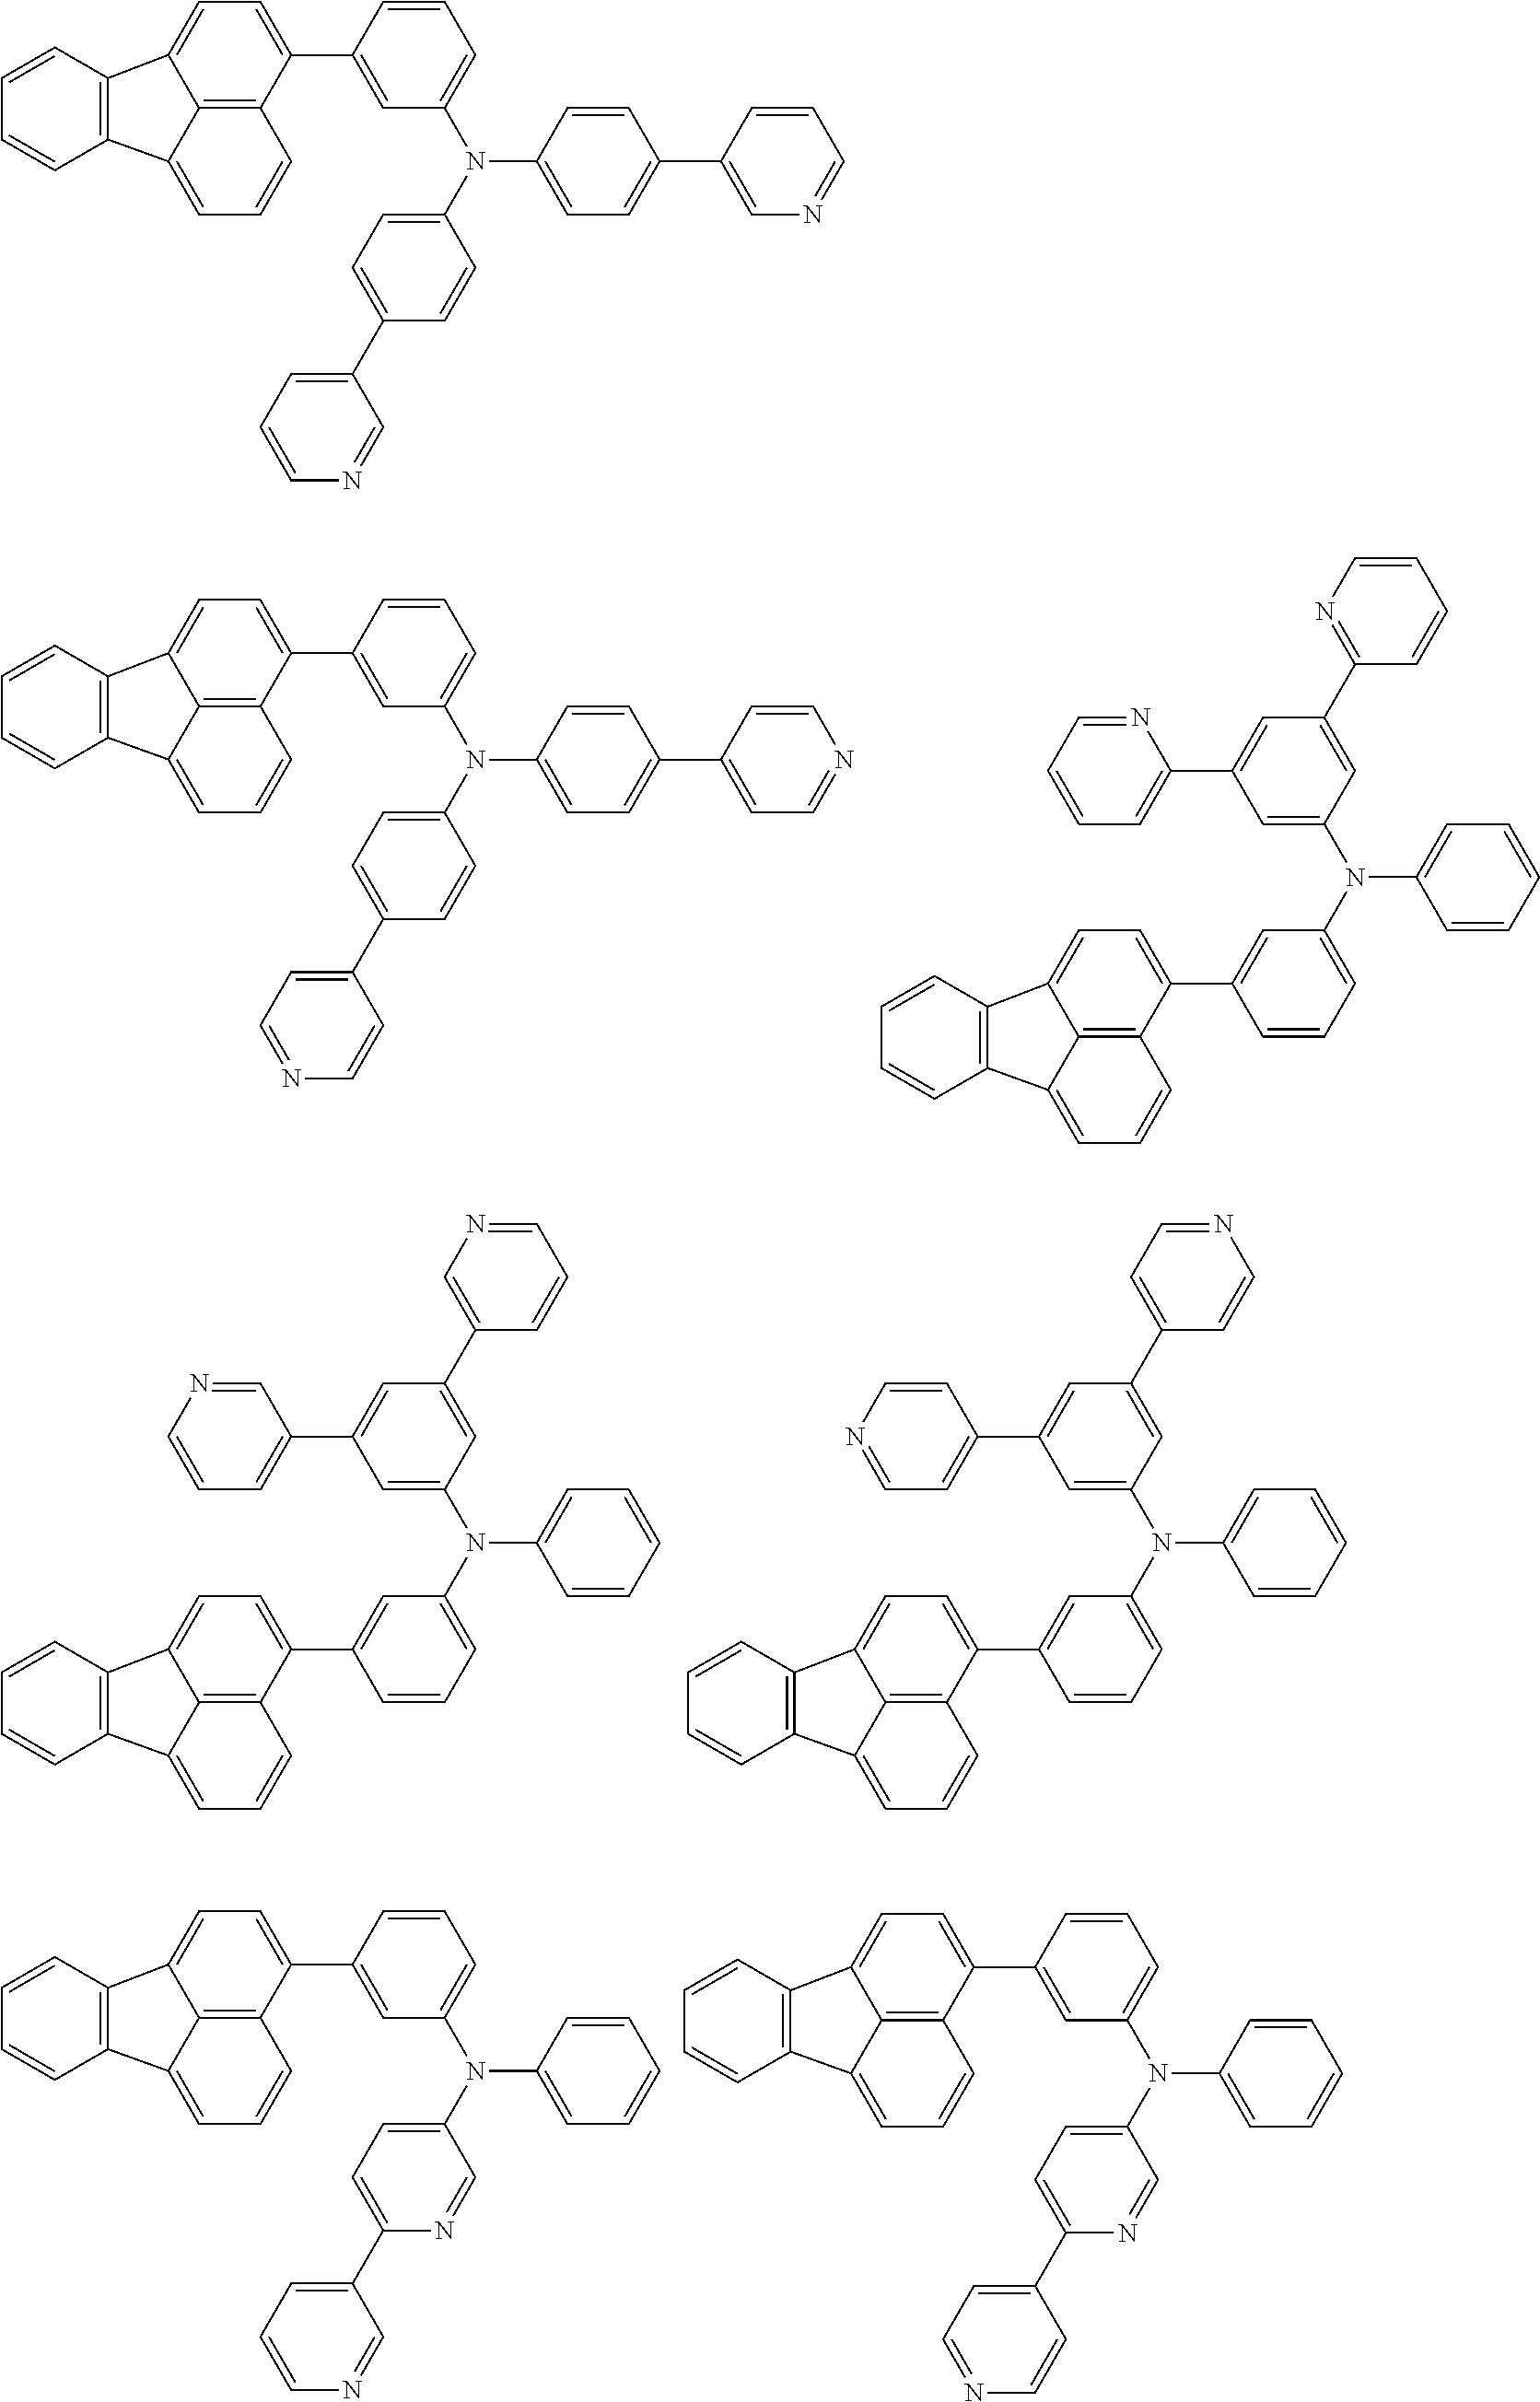 Figure US20150280139A1-20151001-C00098